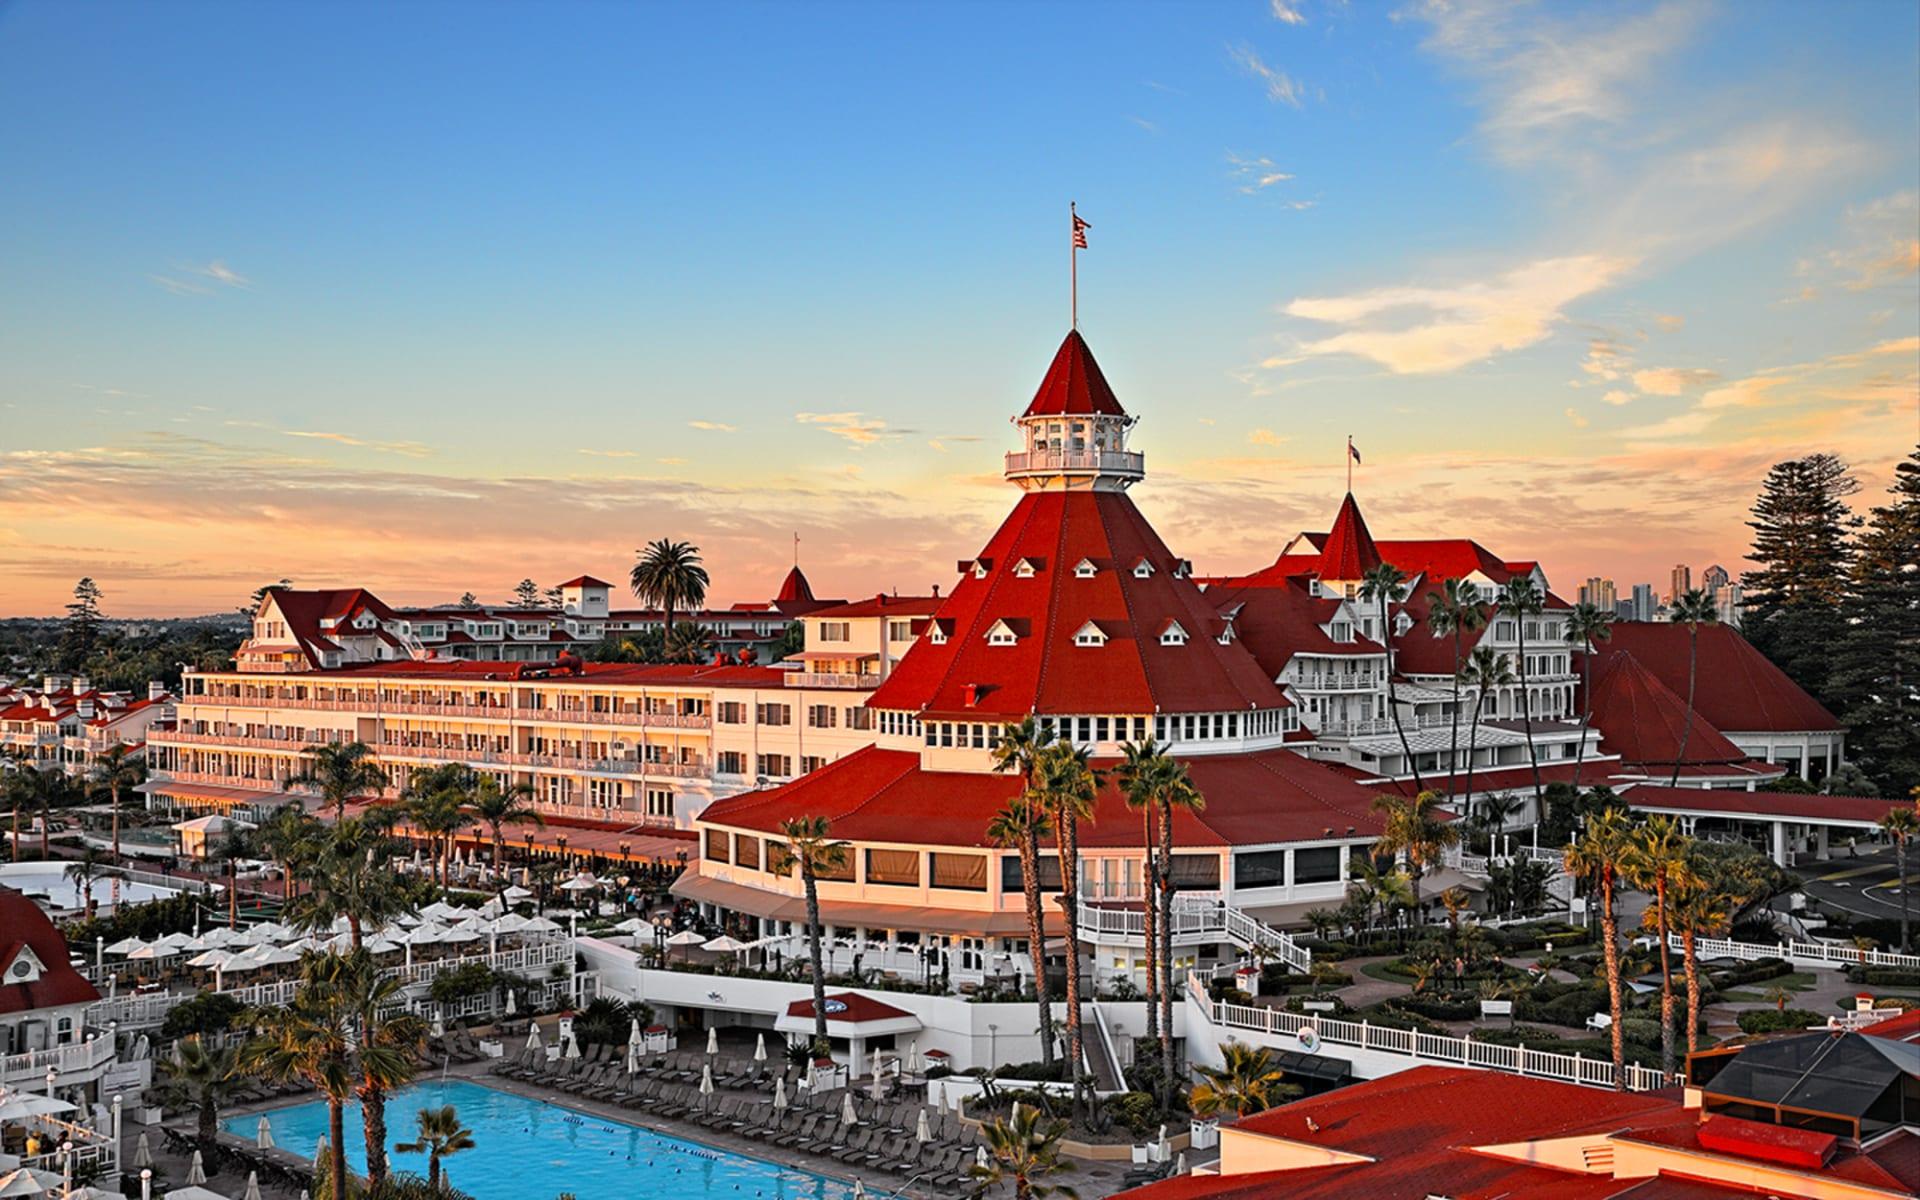 Hotel del Coronado in San Diego:  Del Coronado - Pool-sunset-turret-14-jbahu-hires